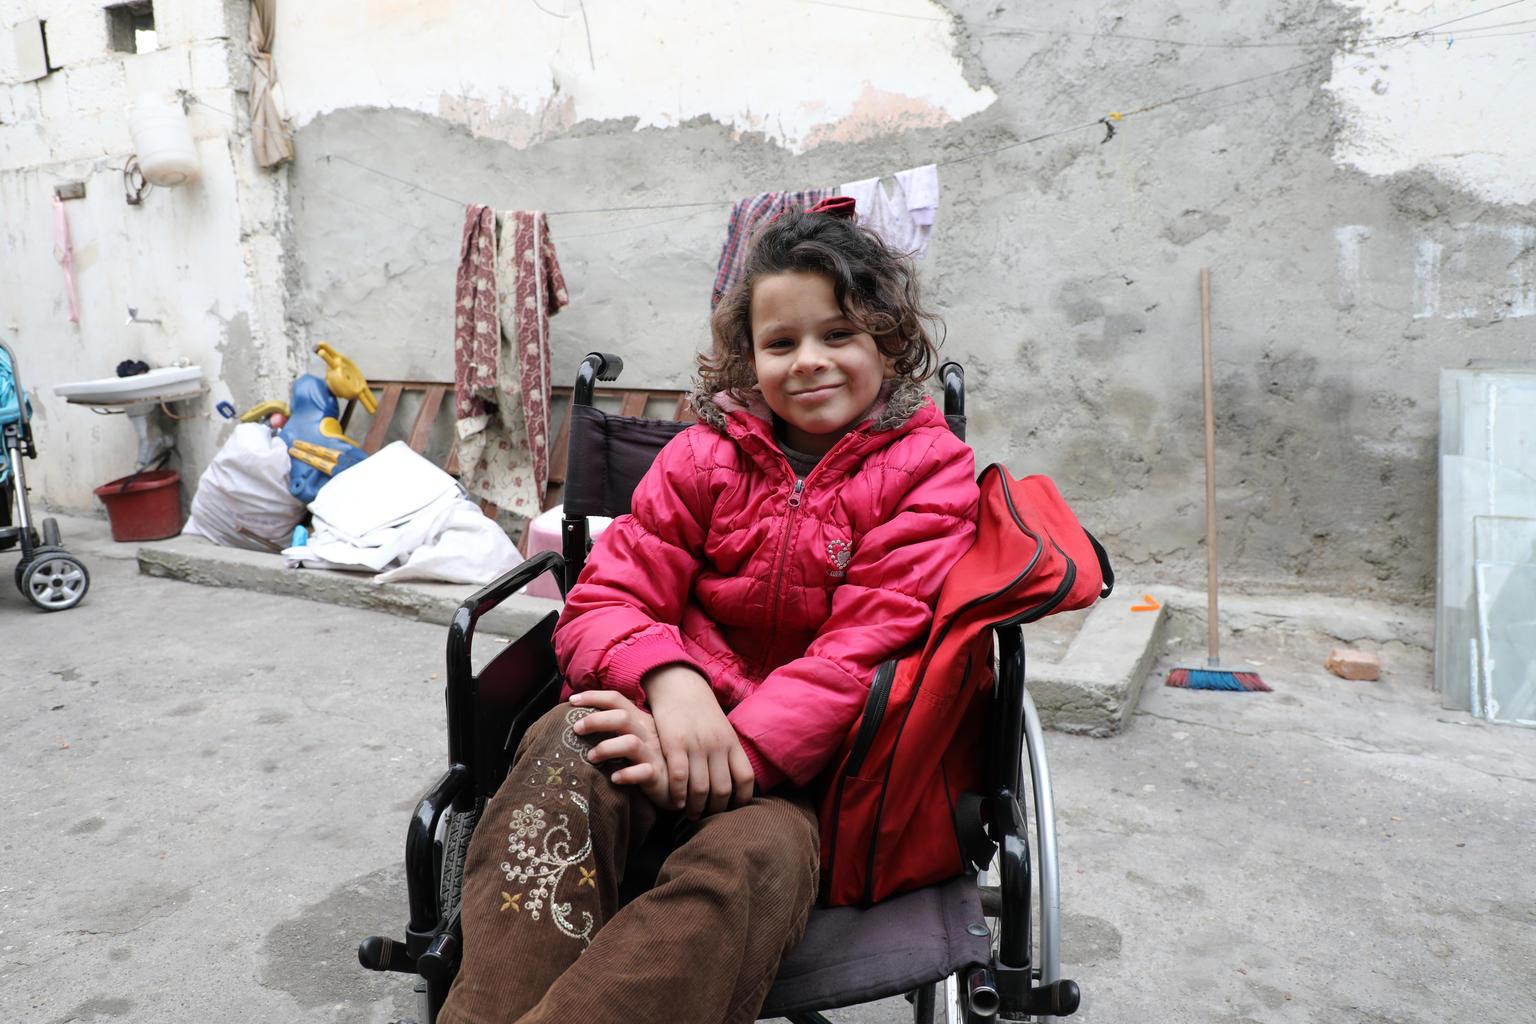 © UNICEF/UN0177796/Ergen